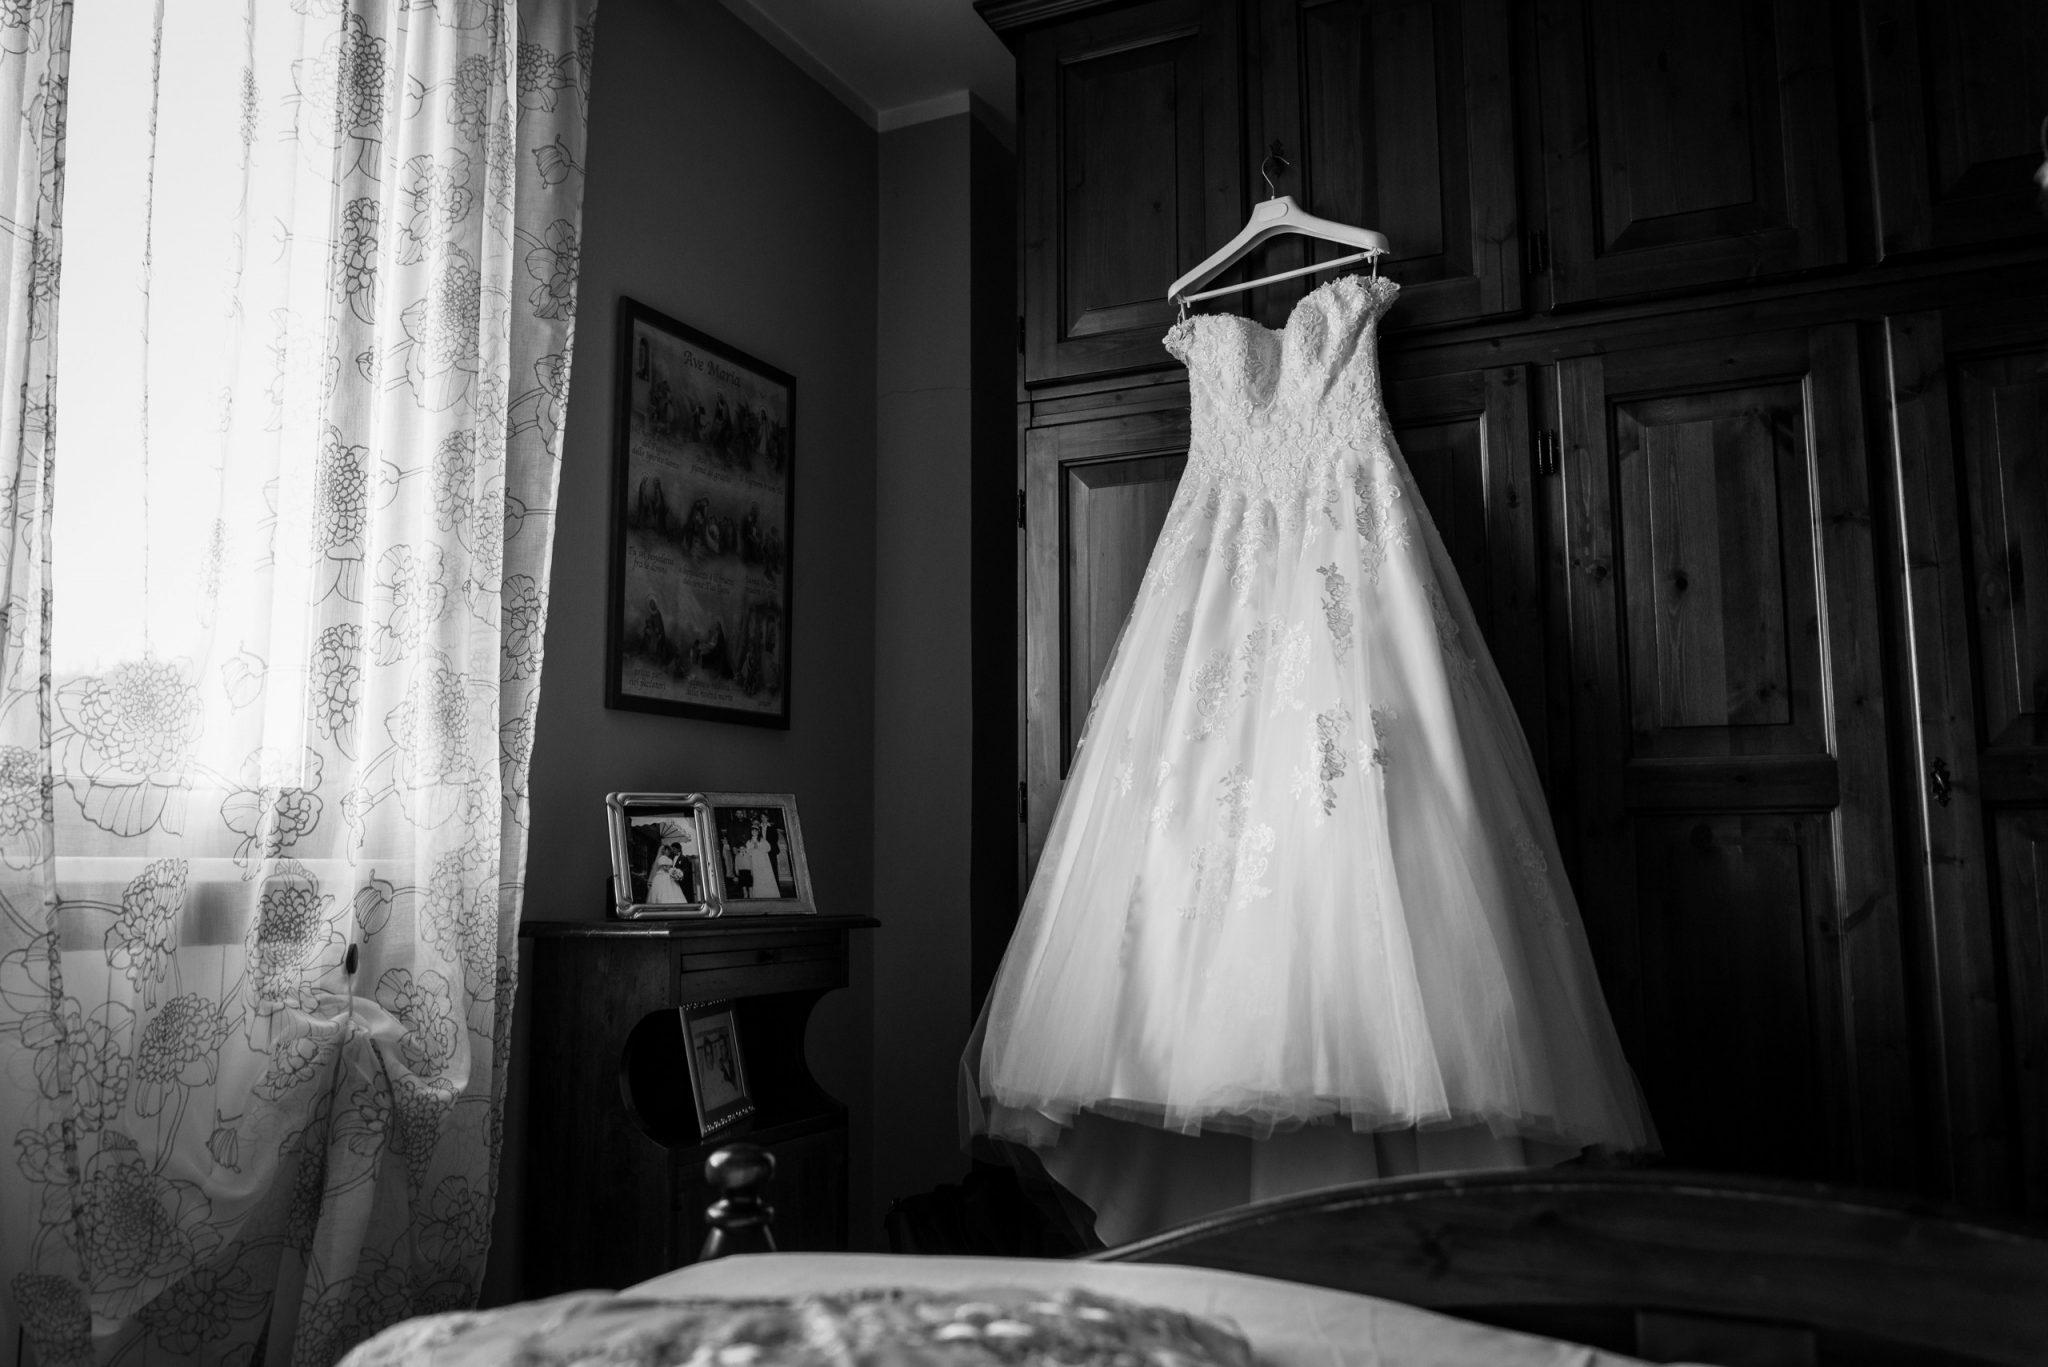 Vestito sposa in camera da letto